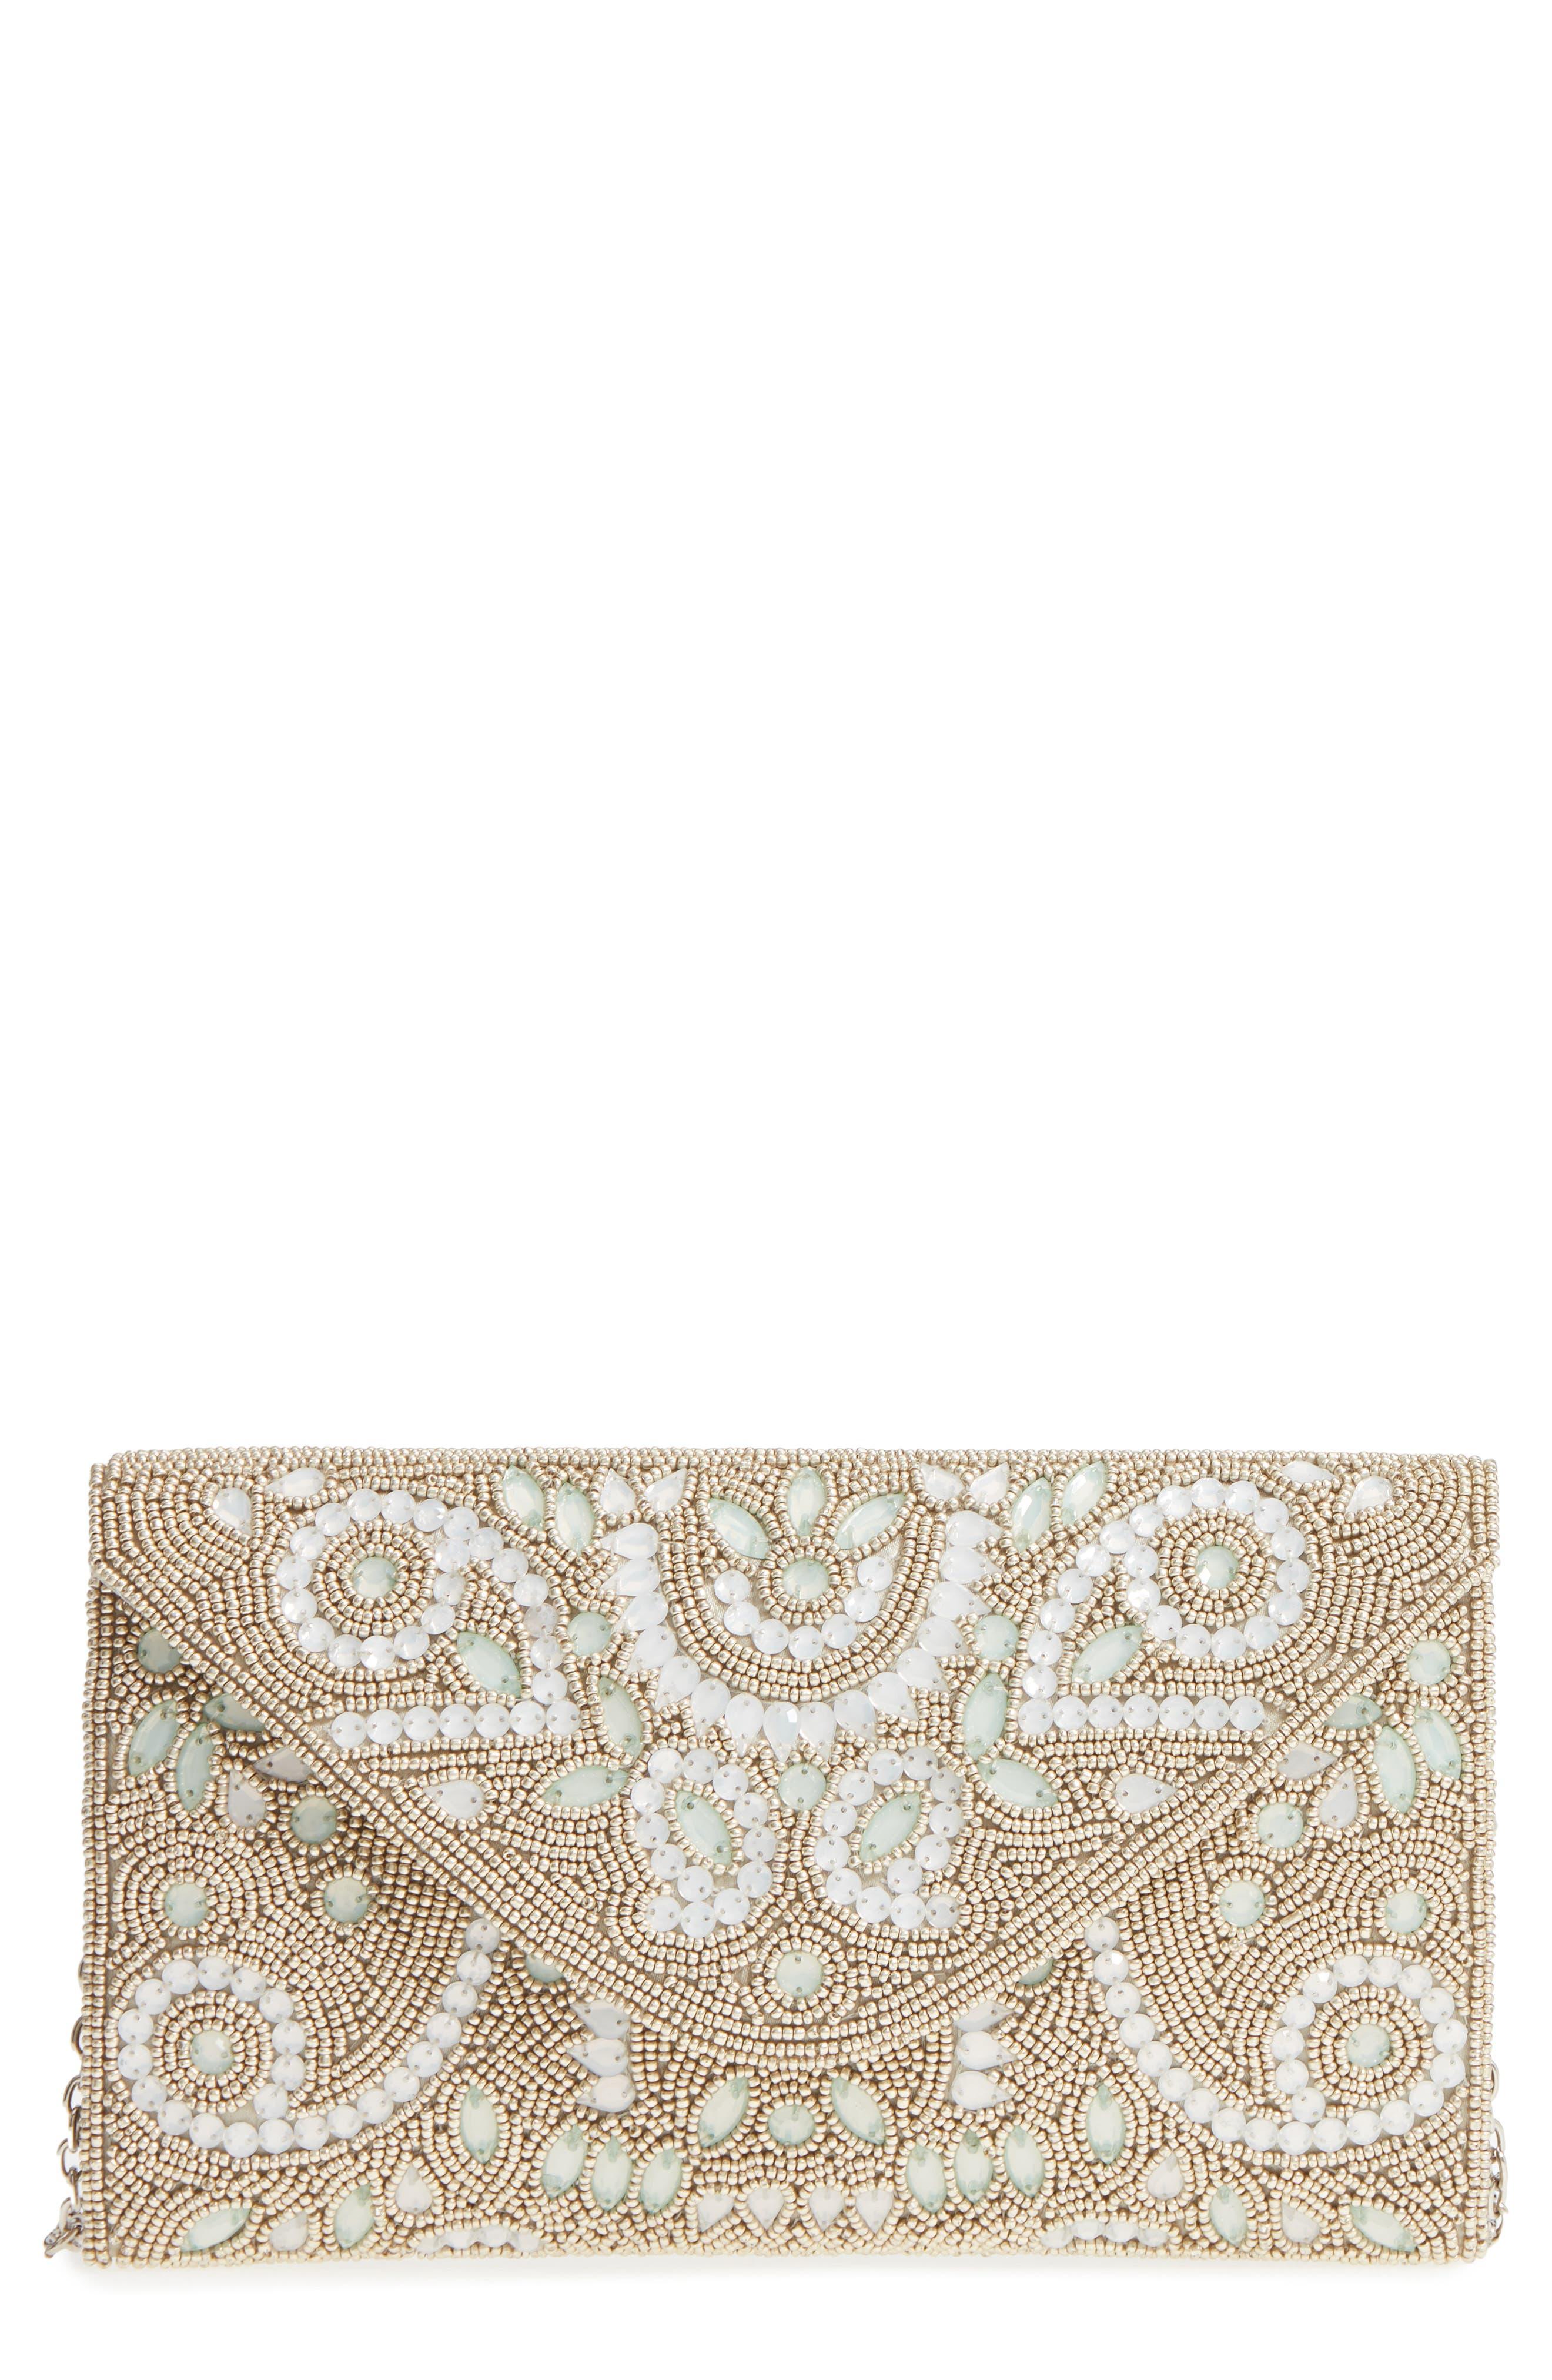 Embellished Envelope Clutch,                         Main,                         color, Silver/ Mint